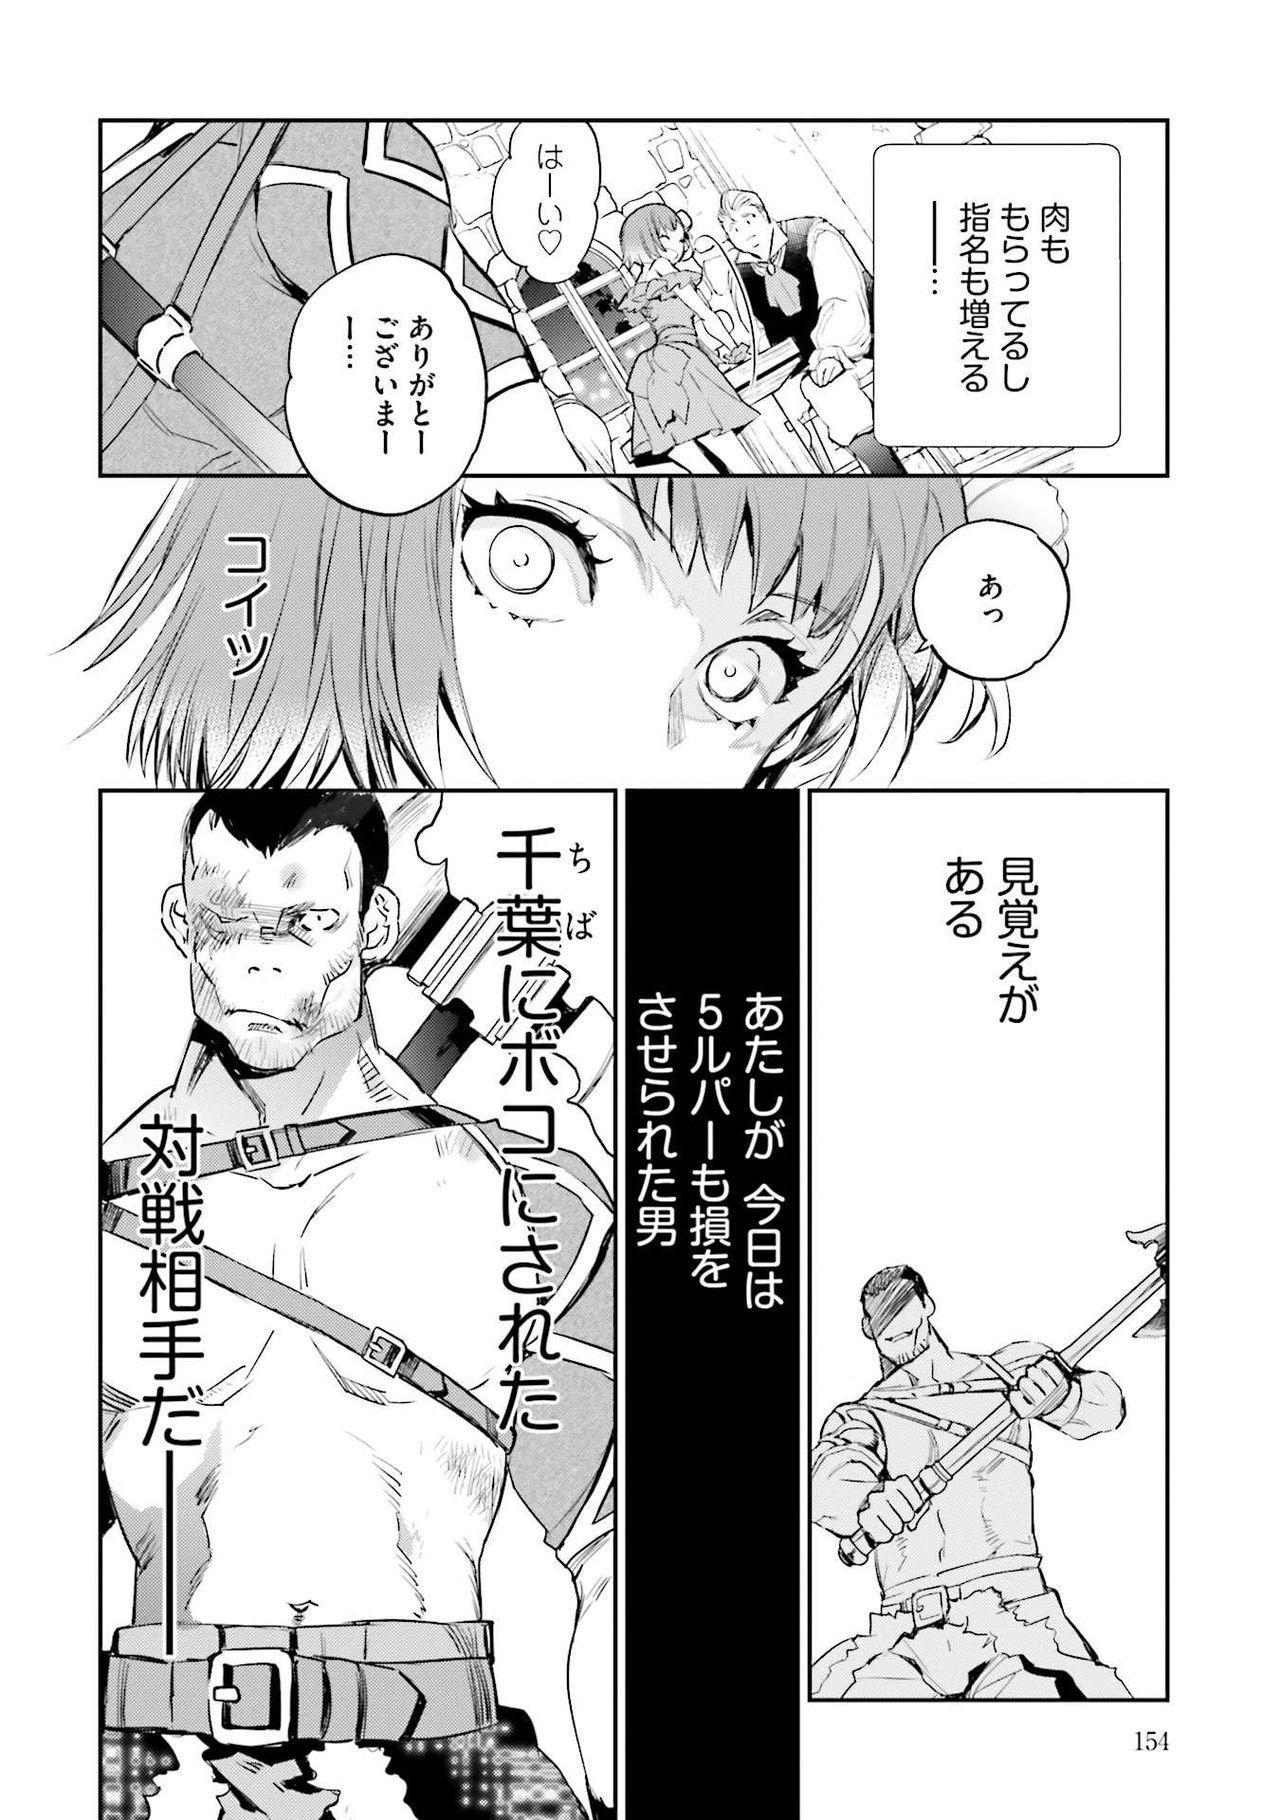 JK Haru wa Isekai de Shoufu ni Natta 1-14 155